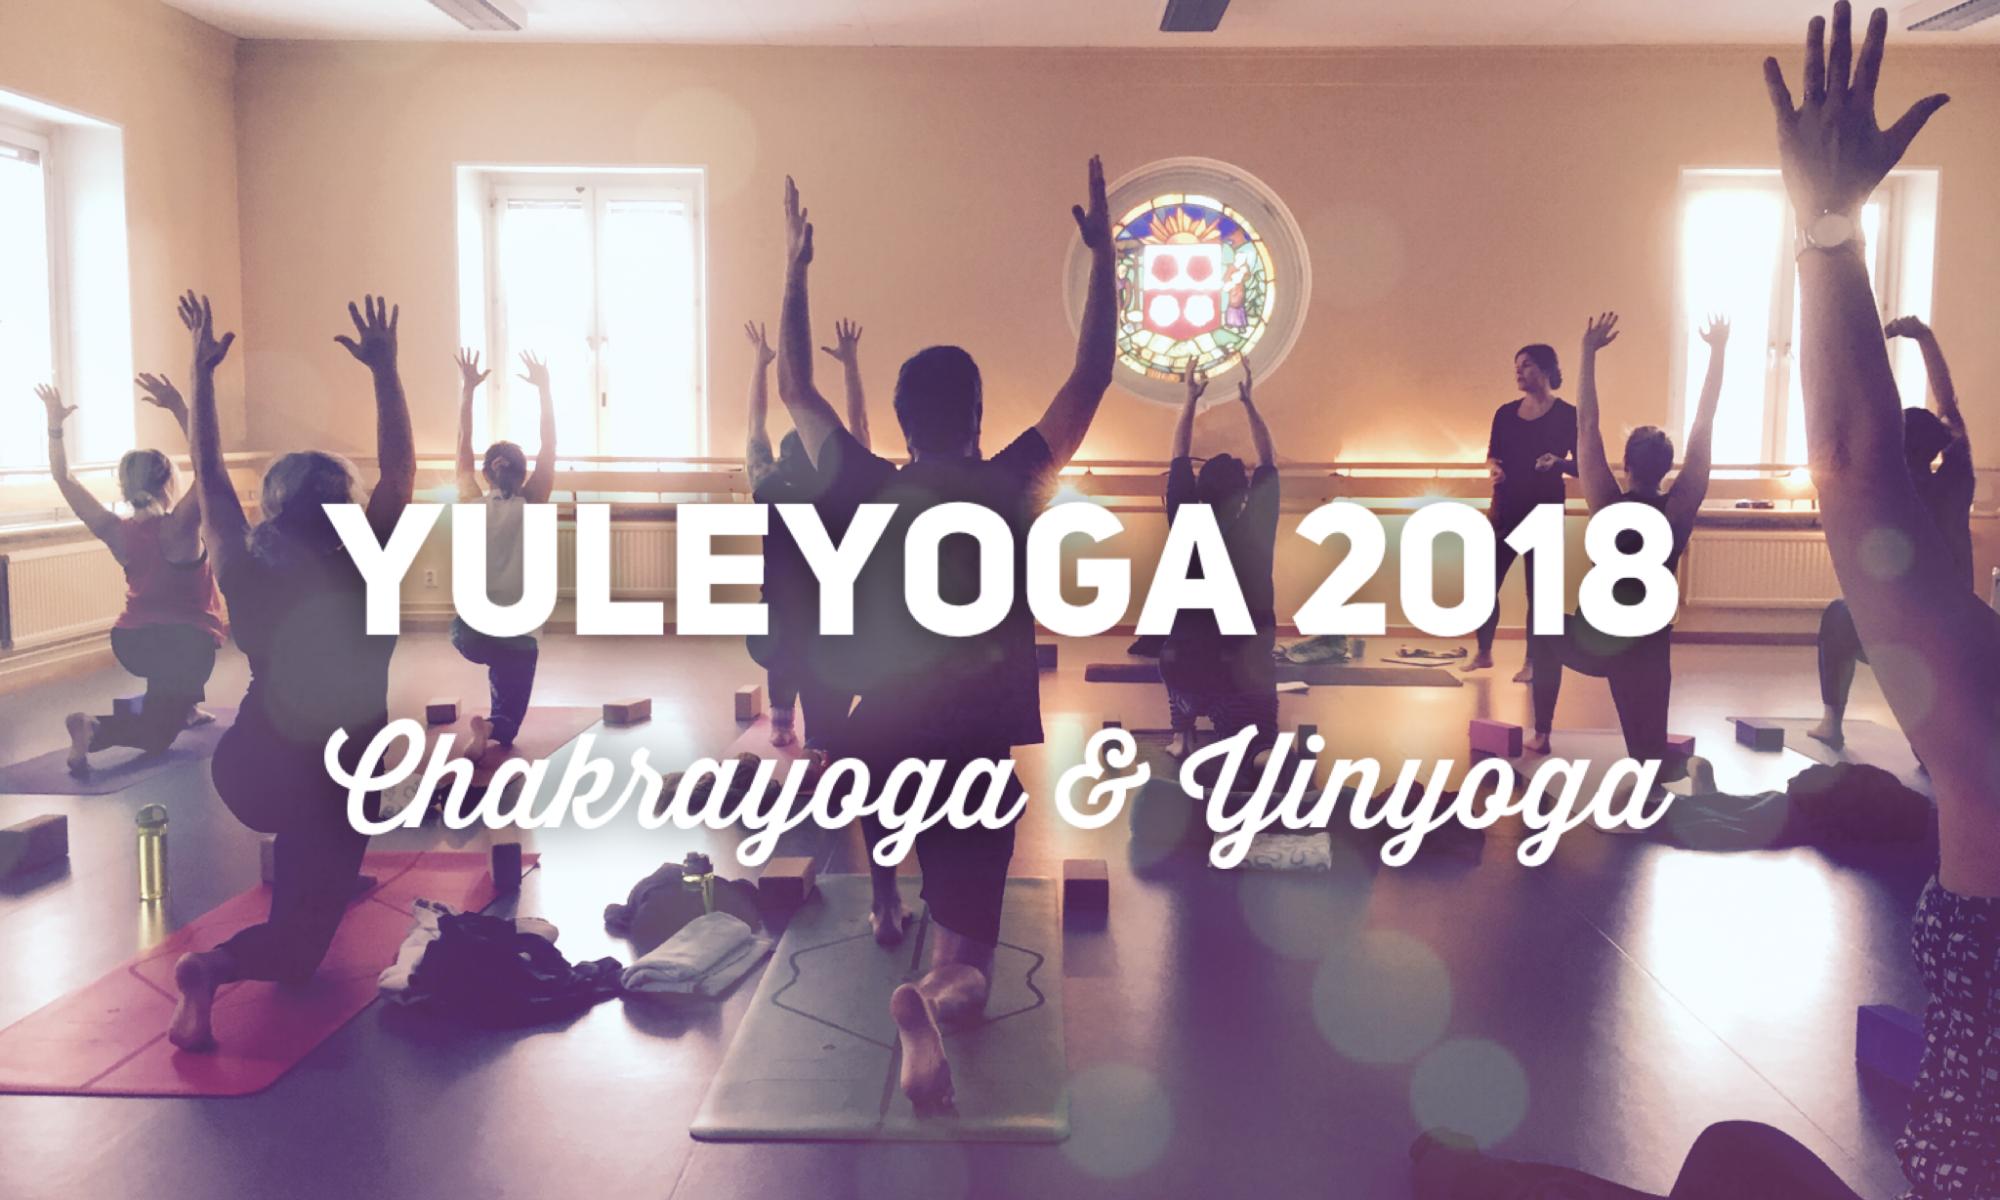 yuleyoga 2018